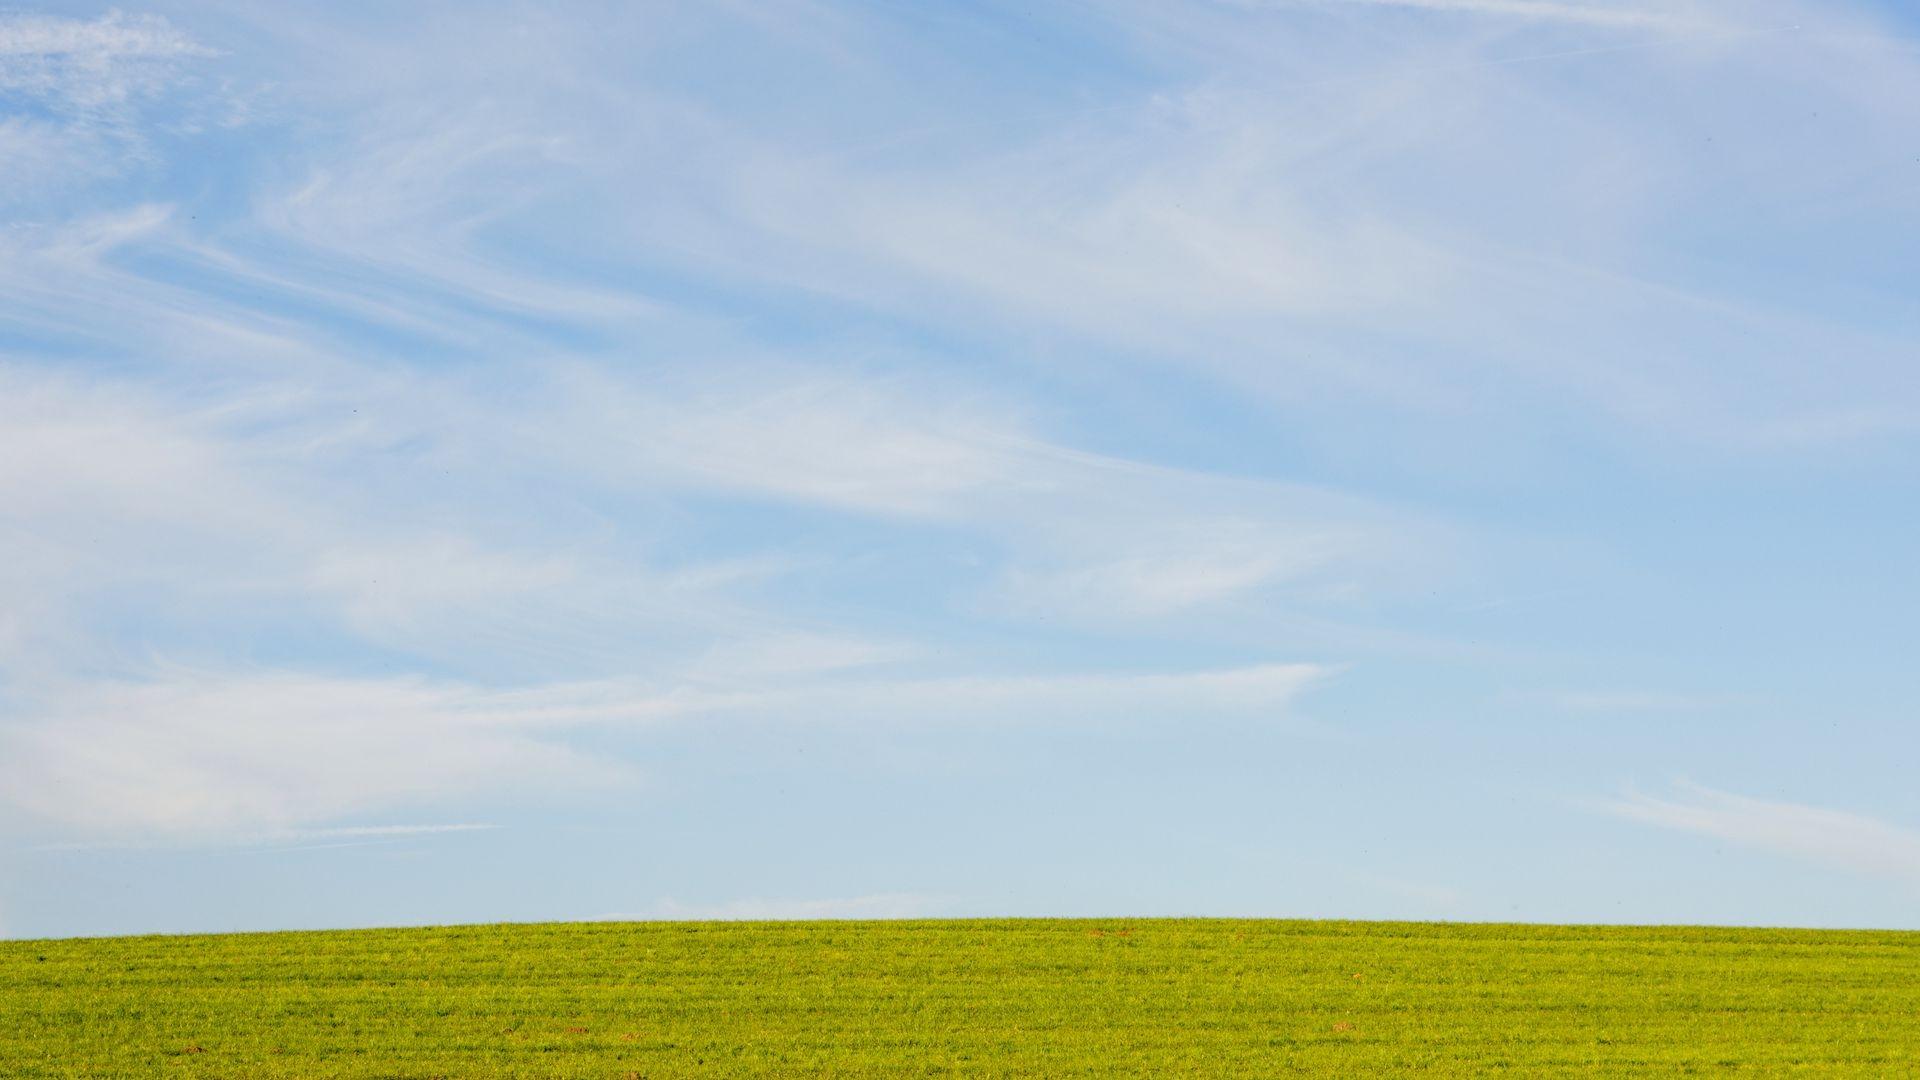 The Lawn Full HD Wallpaper